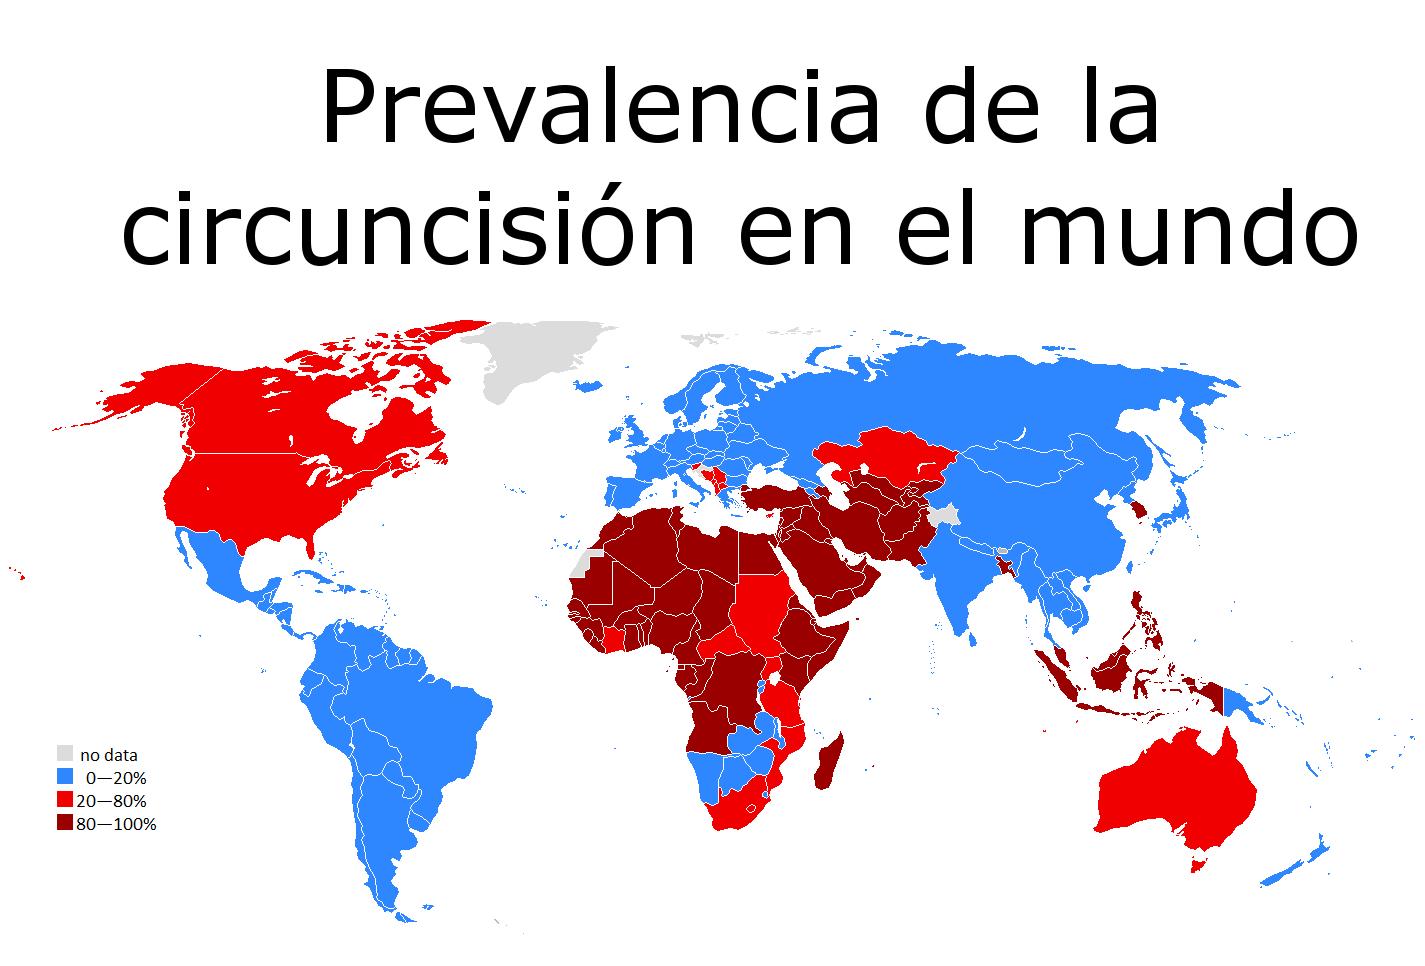 Prevalencia geográfica de la circunsición.